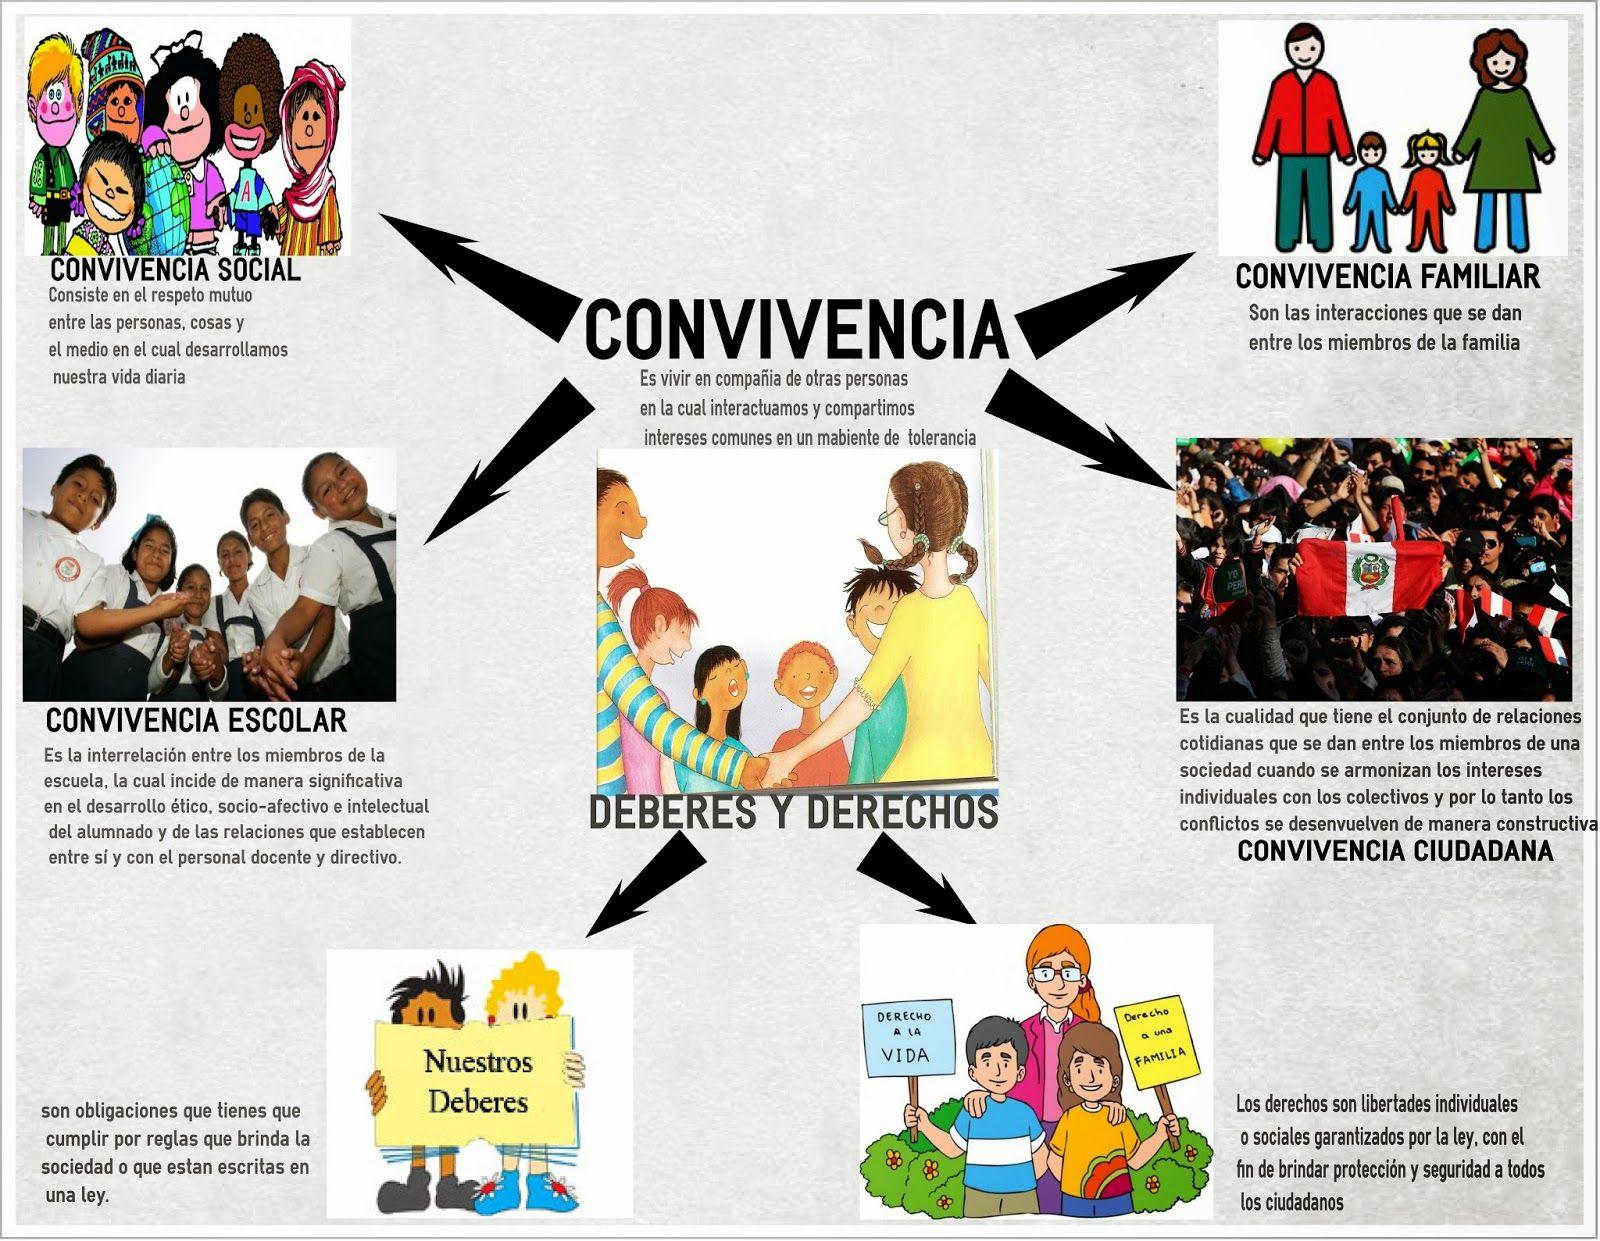 Derechos Y Deberes En Las Normas De Convivencia Grado Normas De Convivencia Normas De Convivencia Familiar Convivencia Democratica